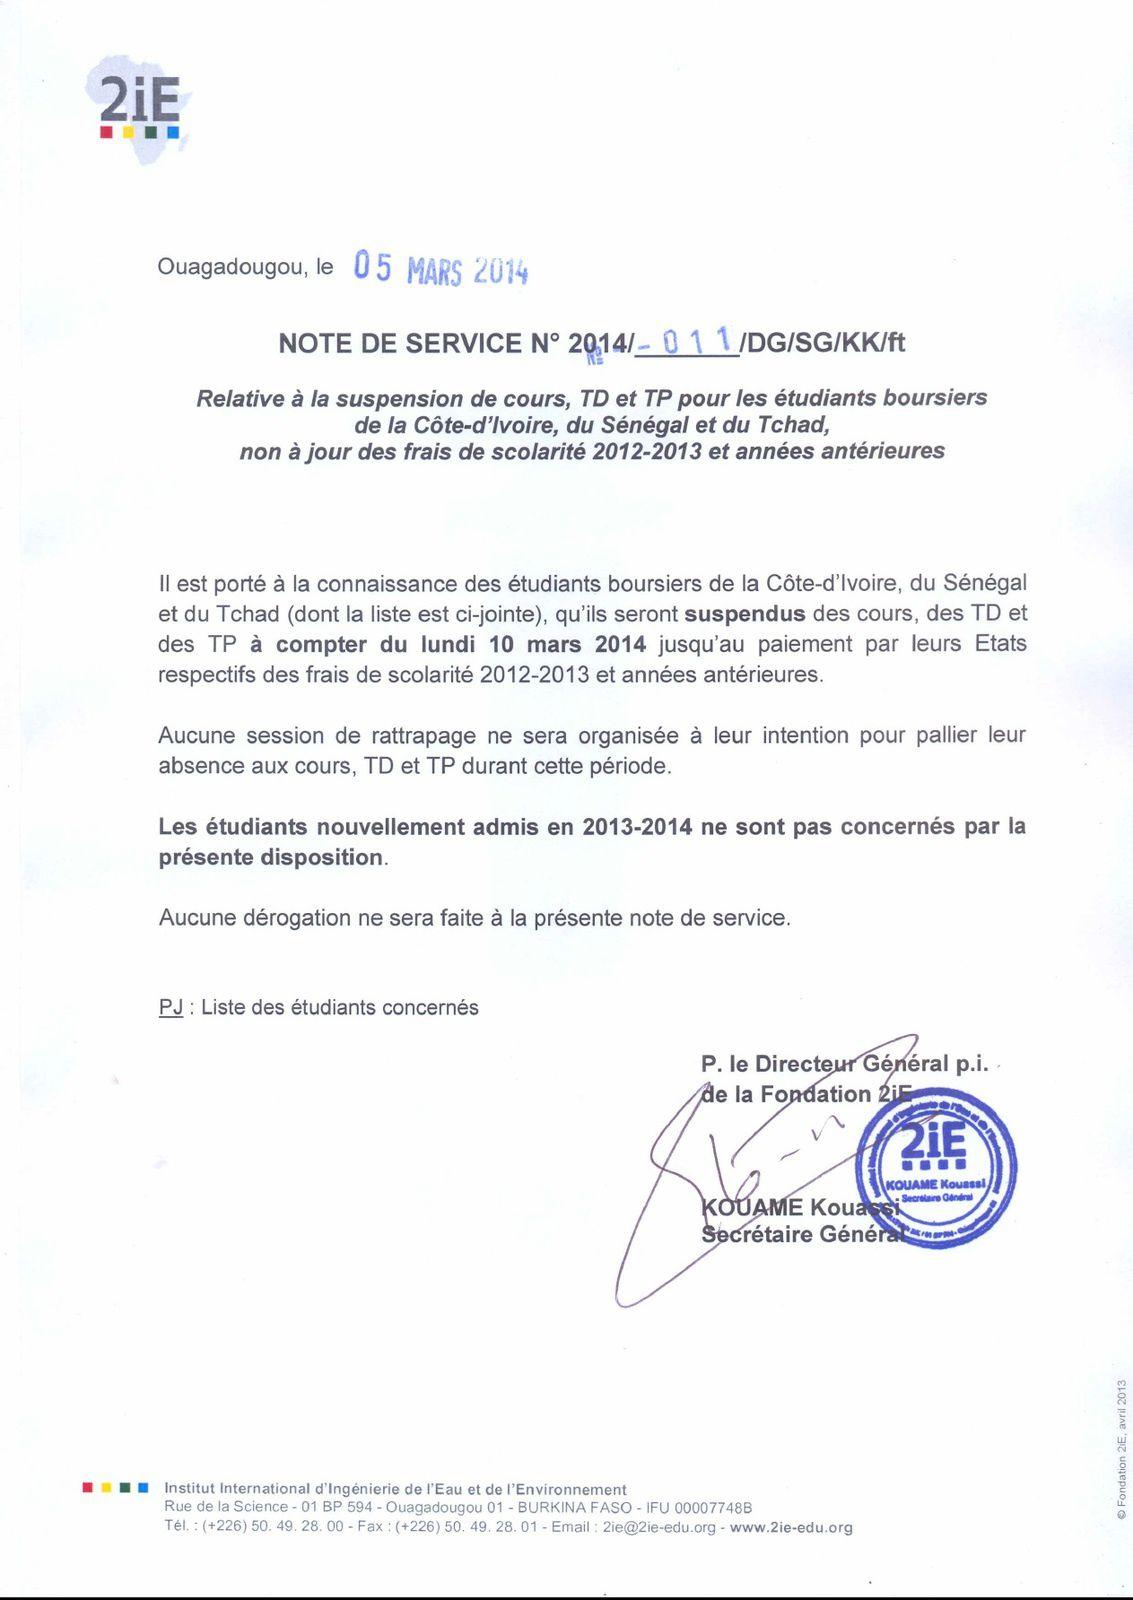 Des étudiants tchadiens suspendus de cours à Ouagadougou